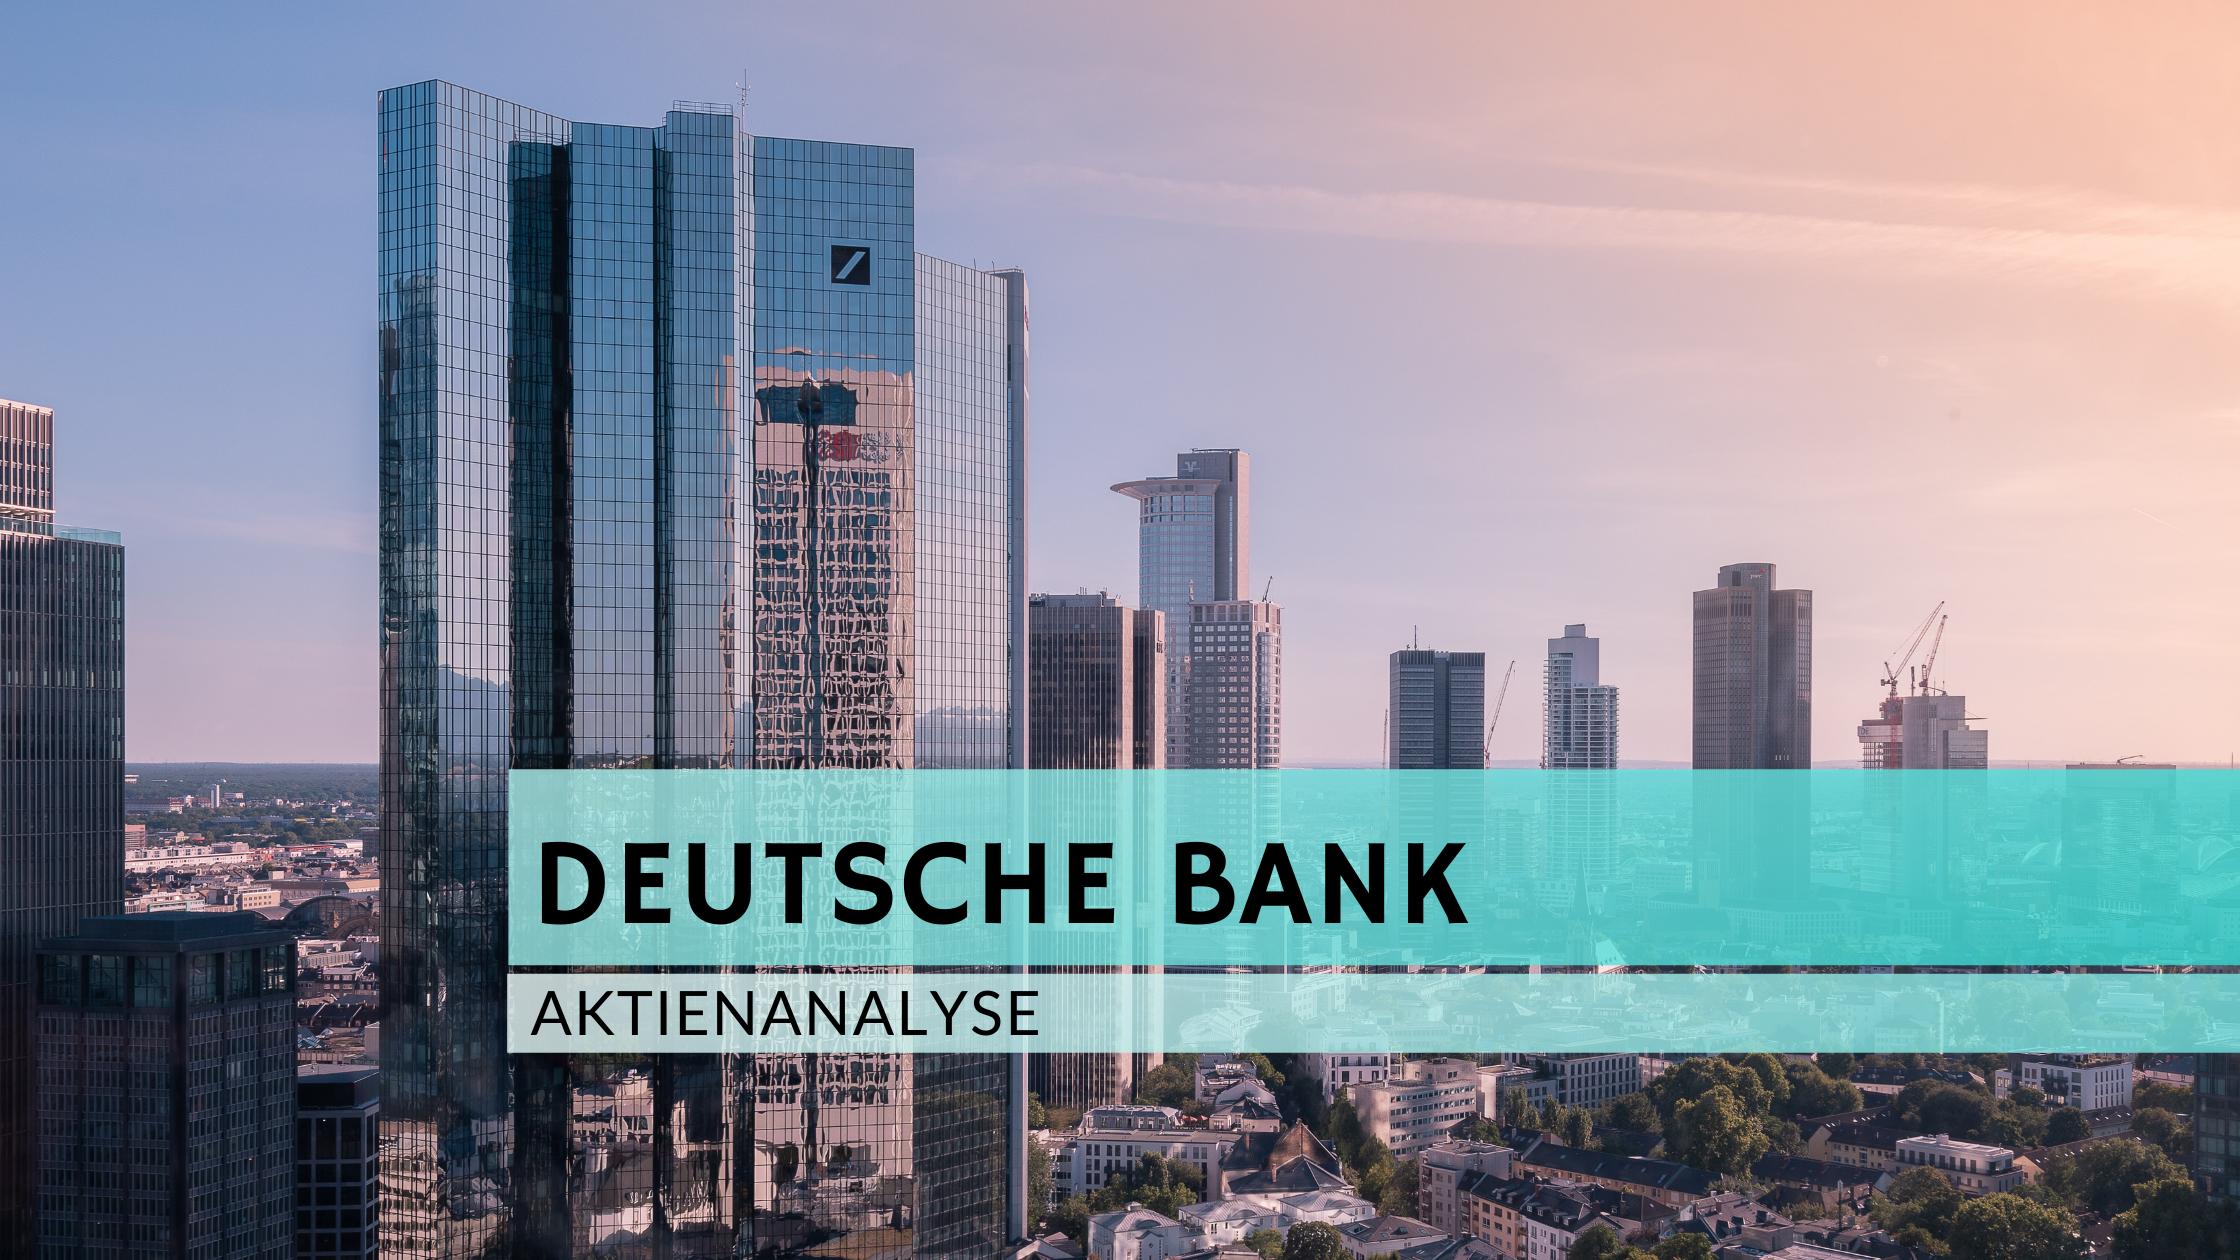 Deutsche Bank Aktienanalyse_09.09.2021_